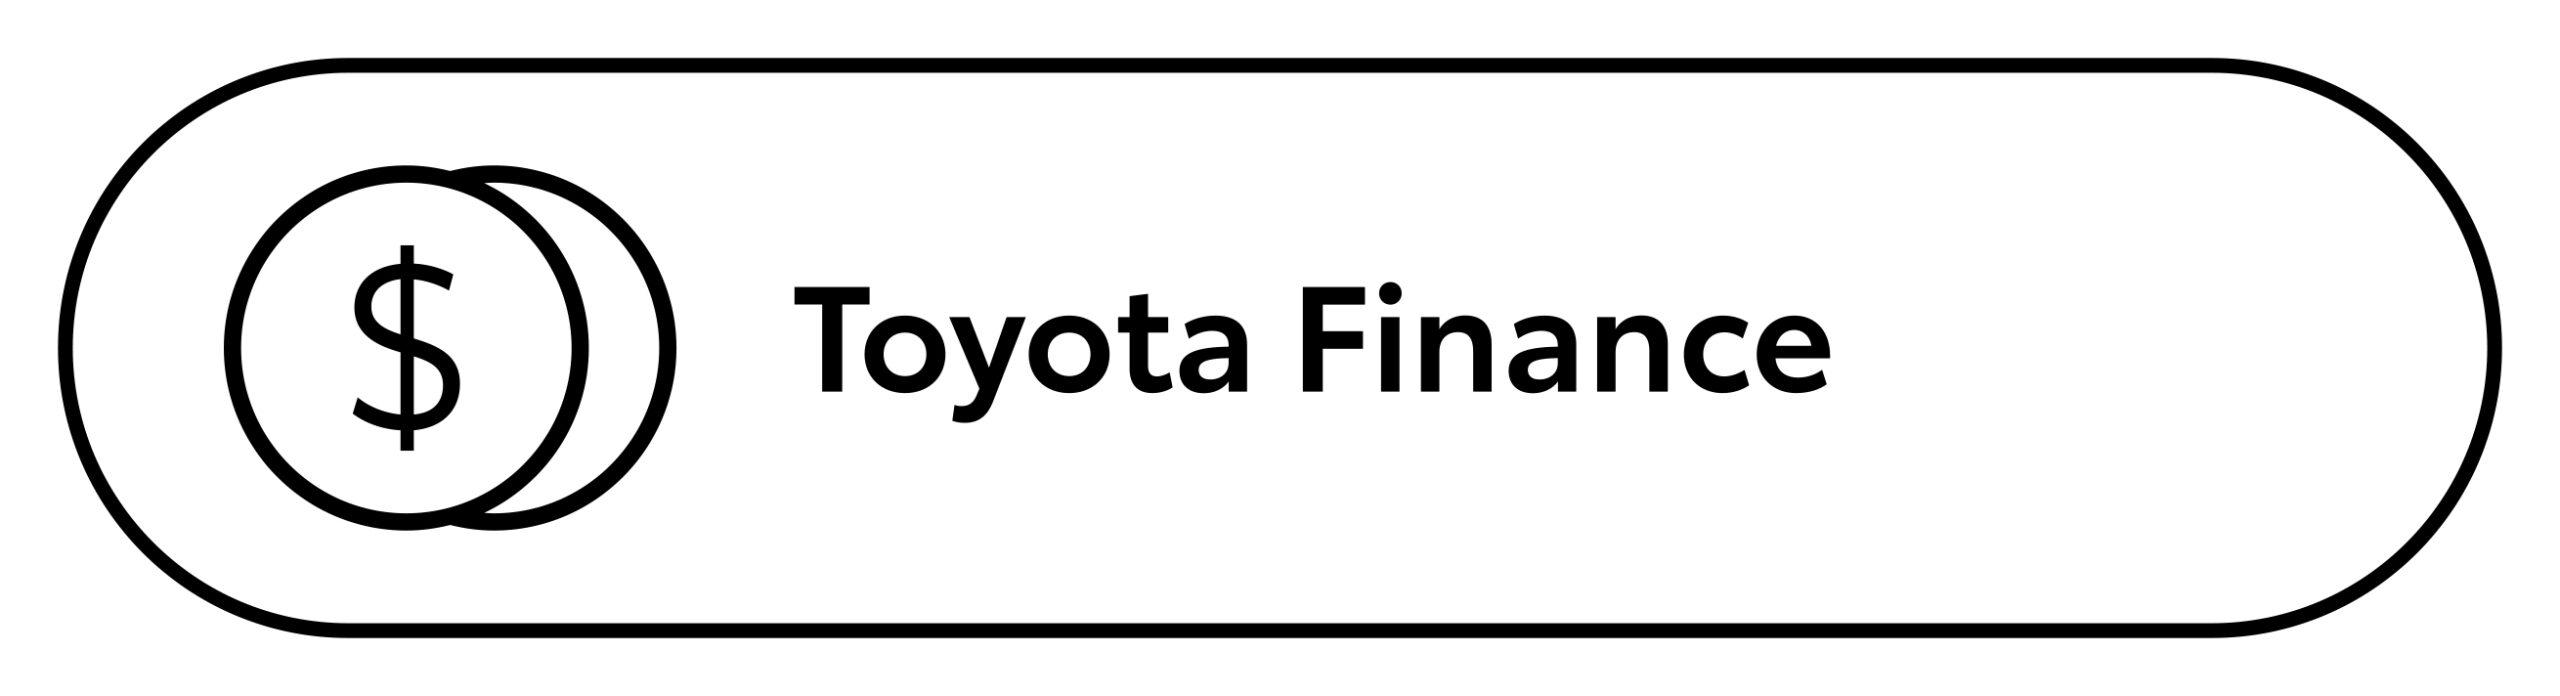 Cornes Toyota Finance